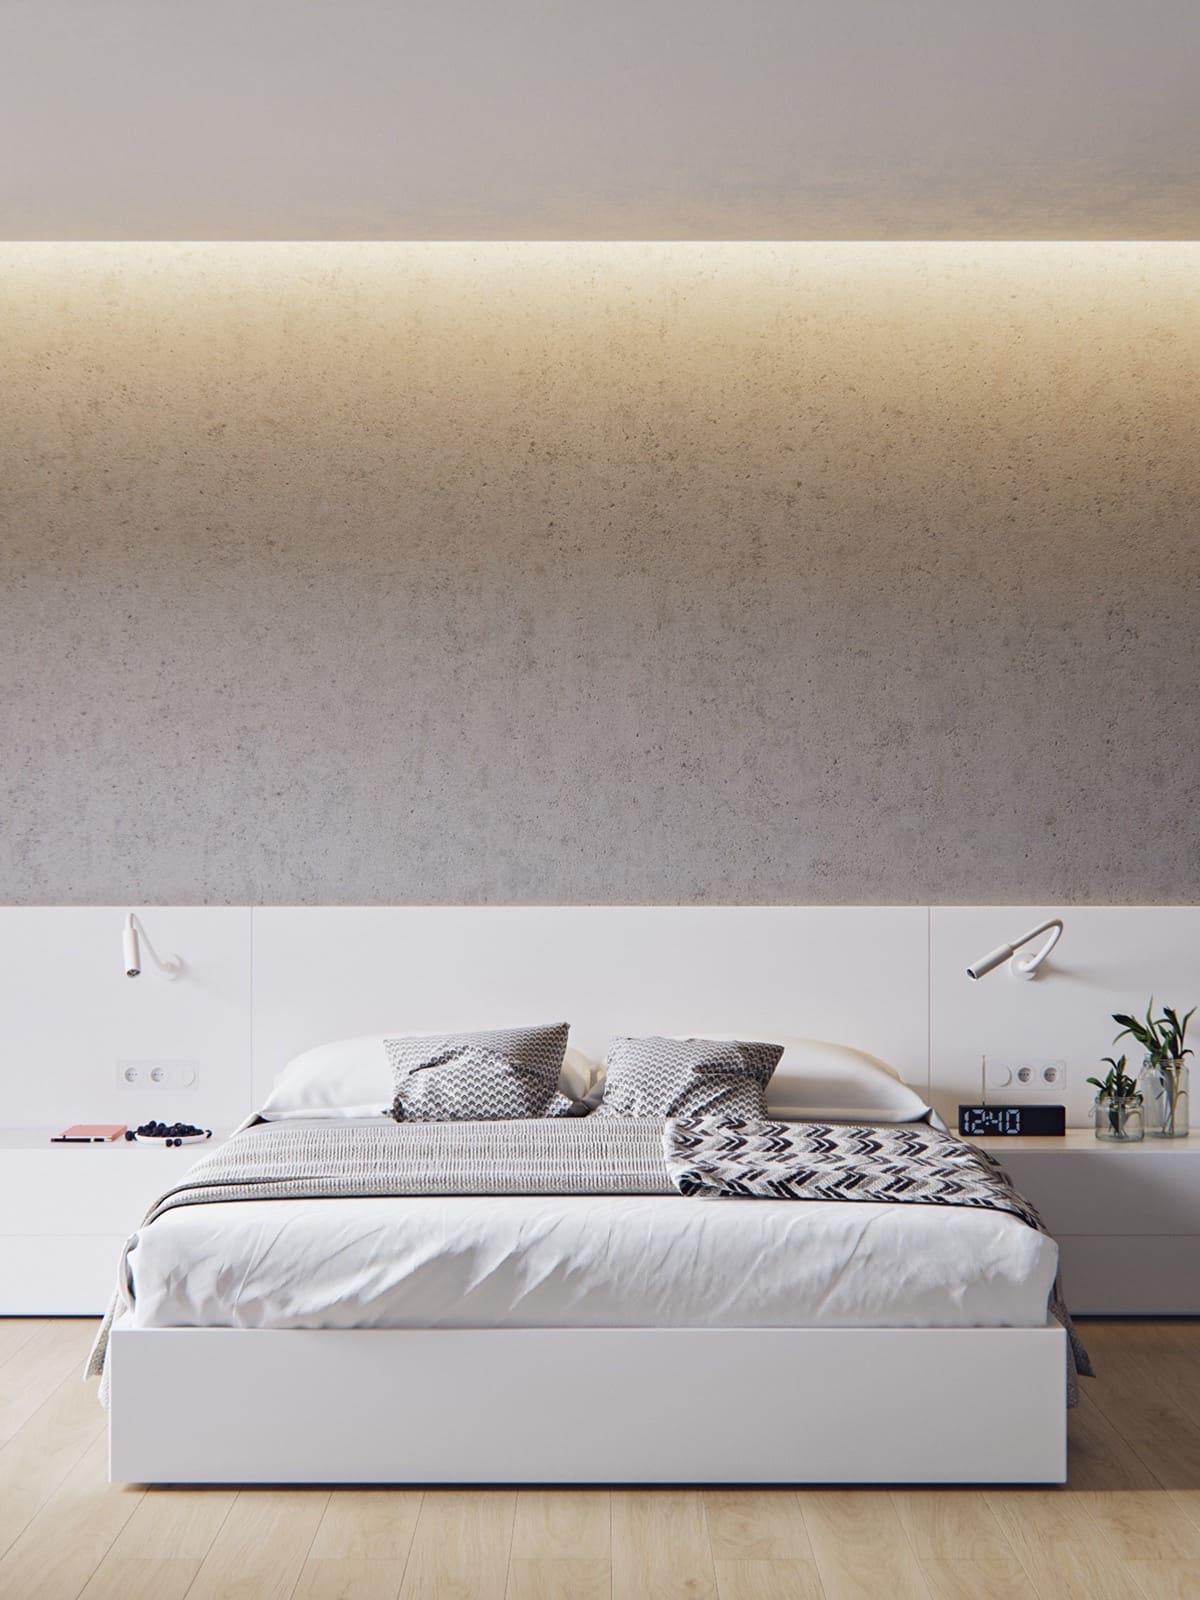 Les couleurs de base d'une chambre à coucher minimaliste sont le blanc, le noir et le gris.